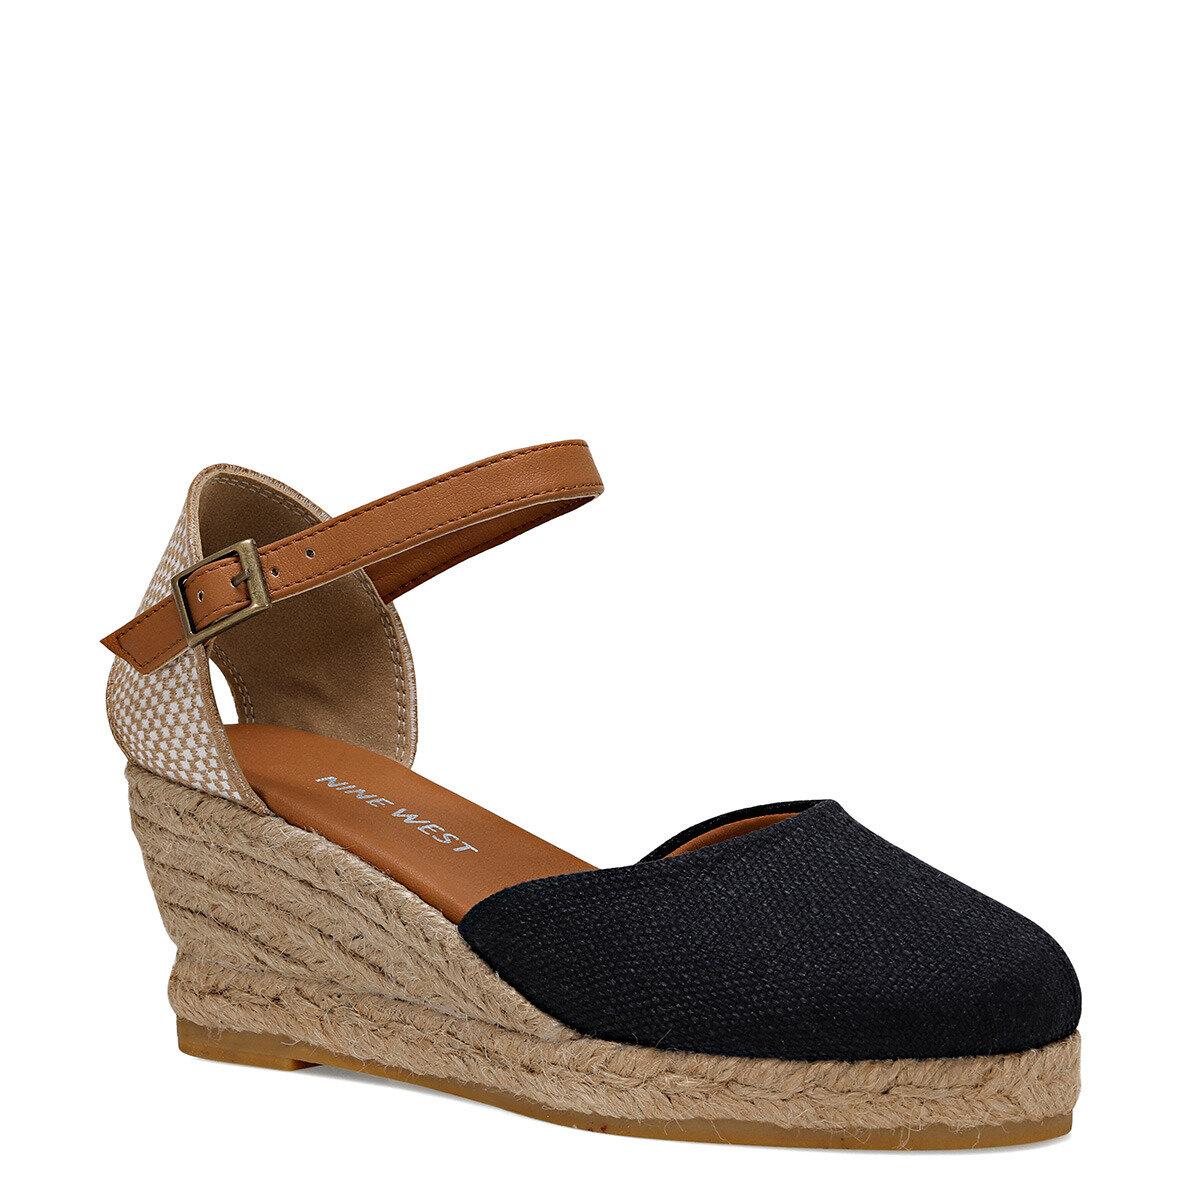 ELISABETTA Lacivert Kadın Dolgu Topuklu Sandalet